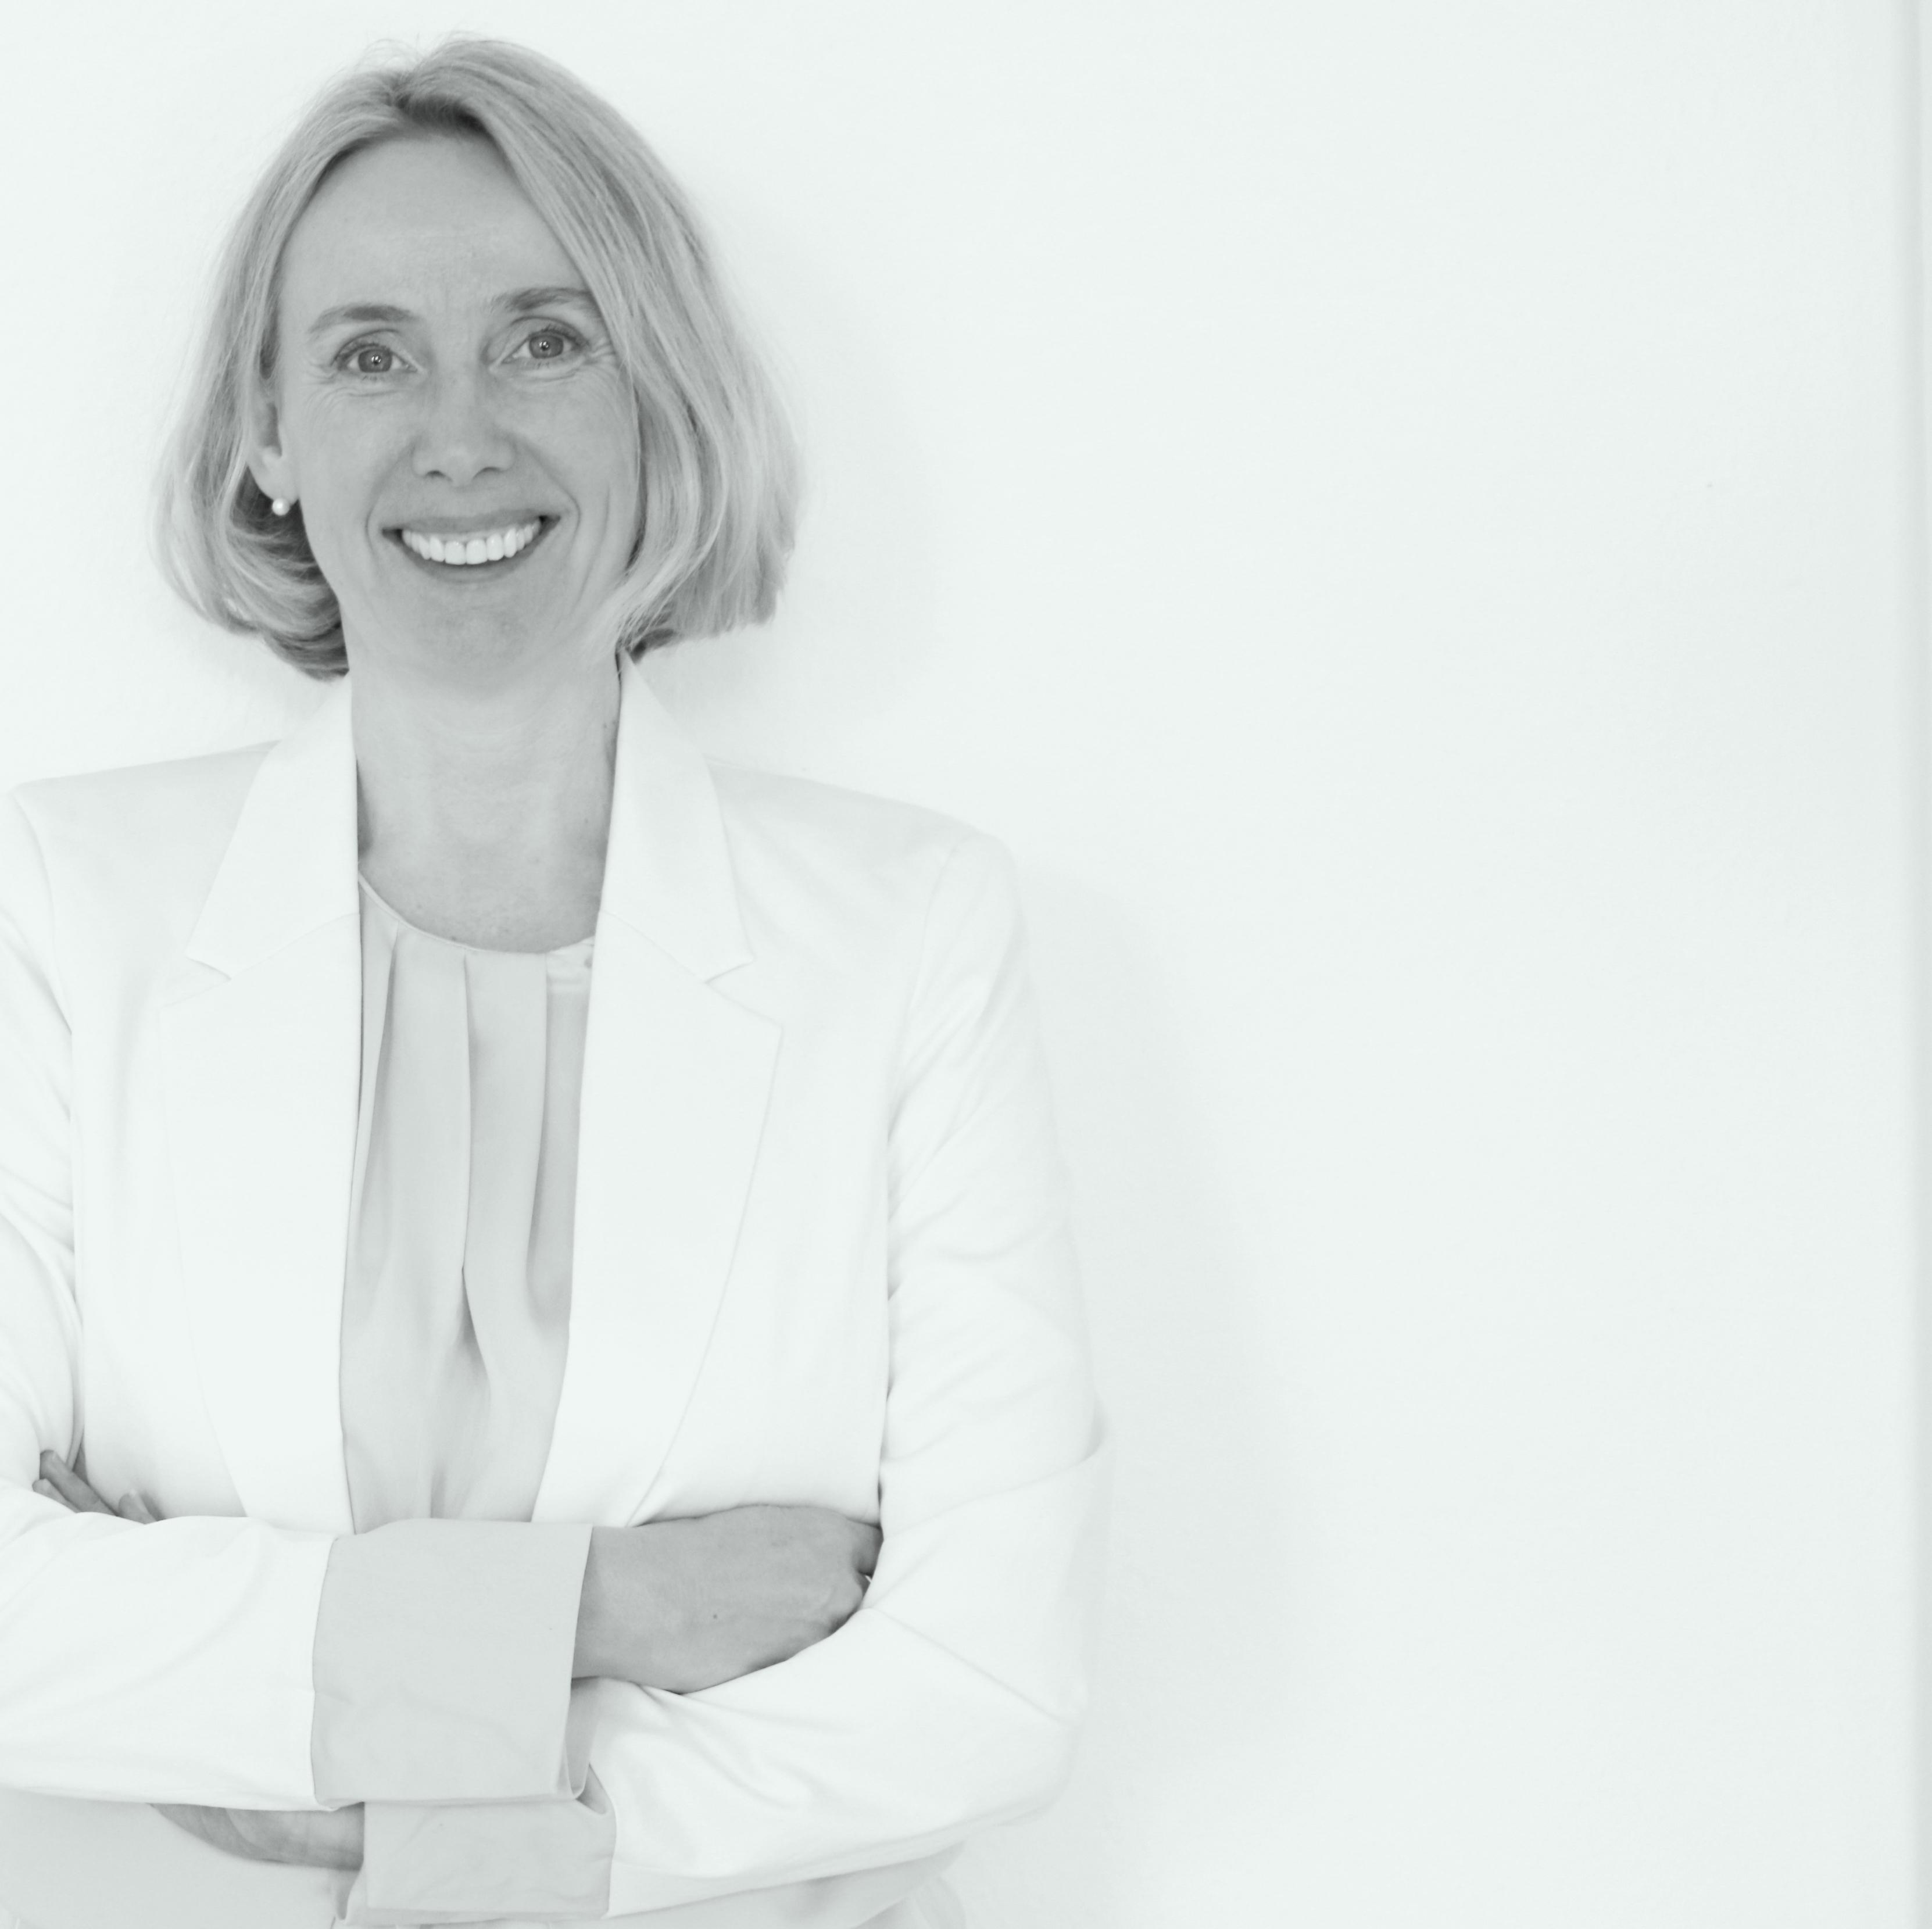 Mein Weg ist lernen – Interview mit der Resilienzexpertin Gabriele Amann